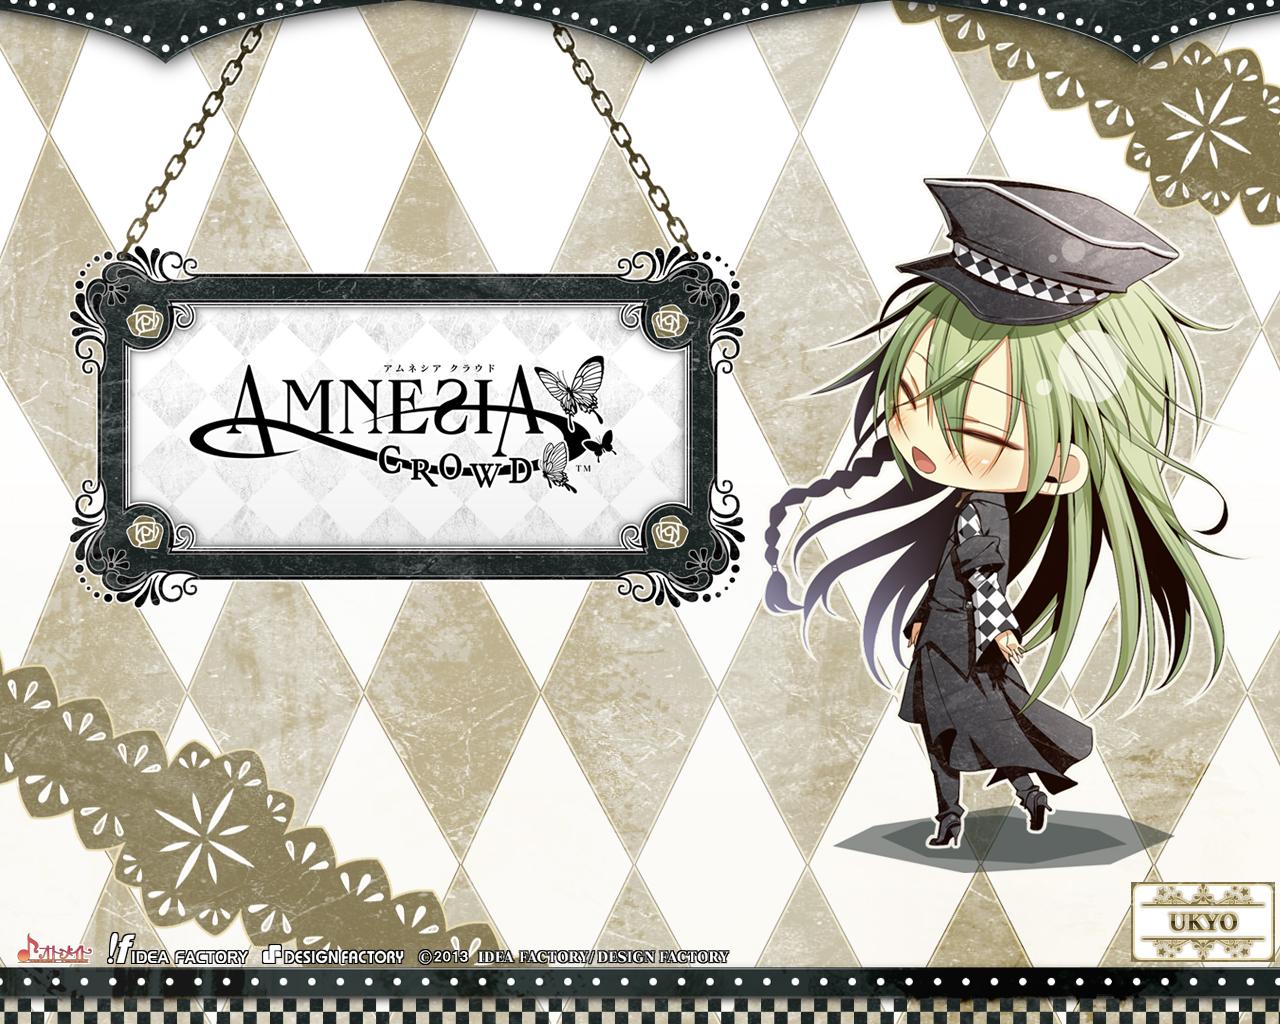 Amnesia 総合 04 オトメイトスタッフブログ